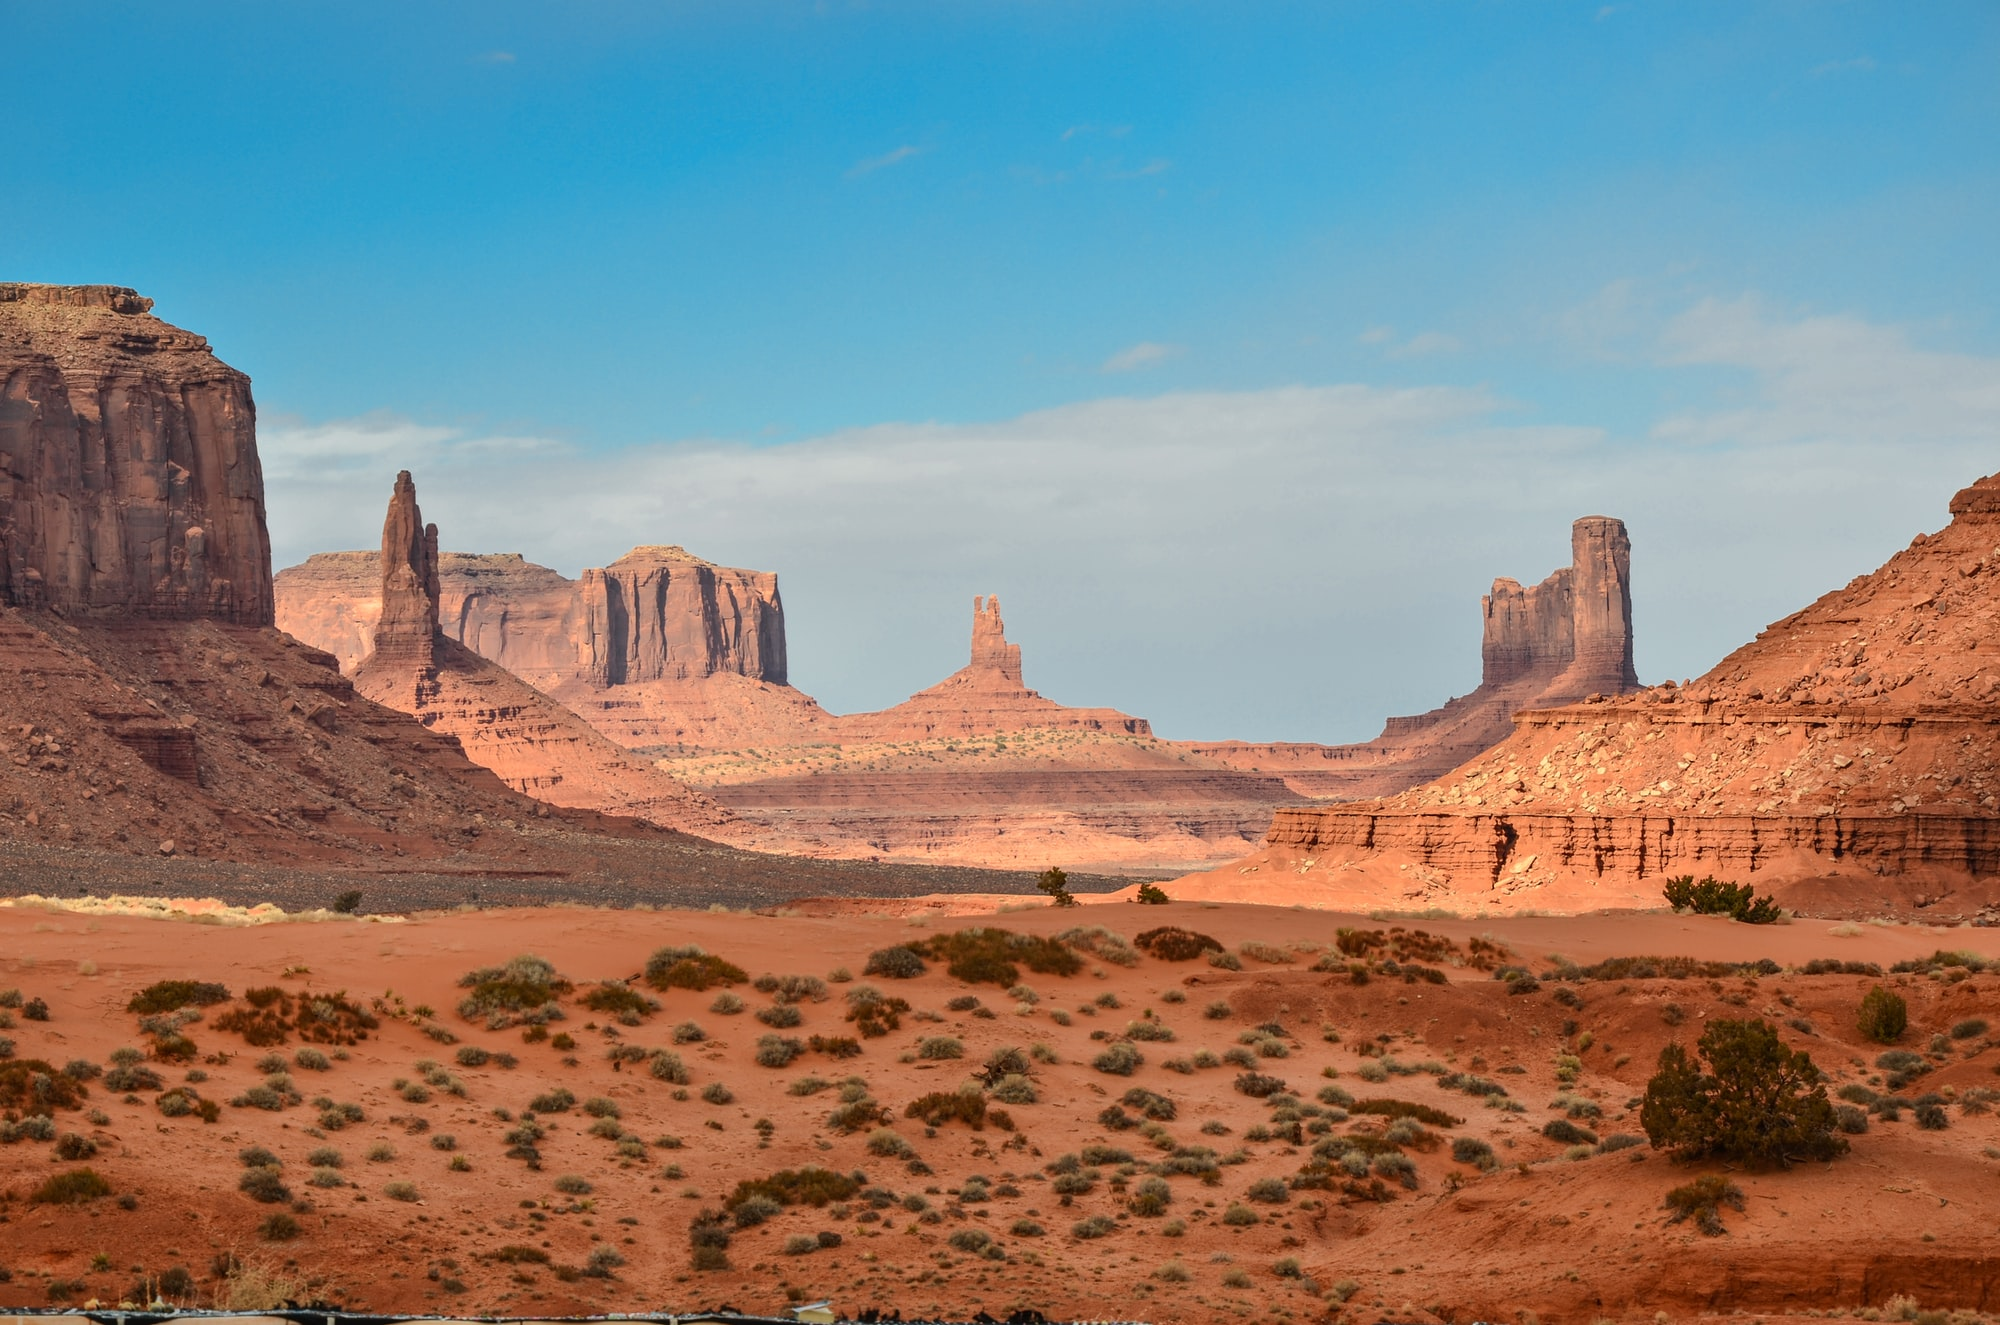 Guía de viaje por Arizona y Utah: el Gran Cañón, Monument Valley y Page